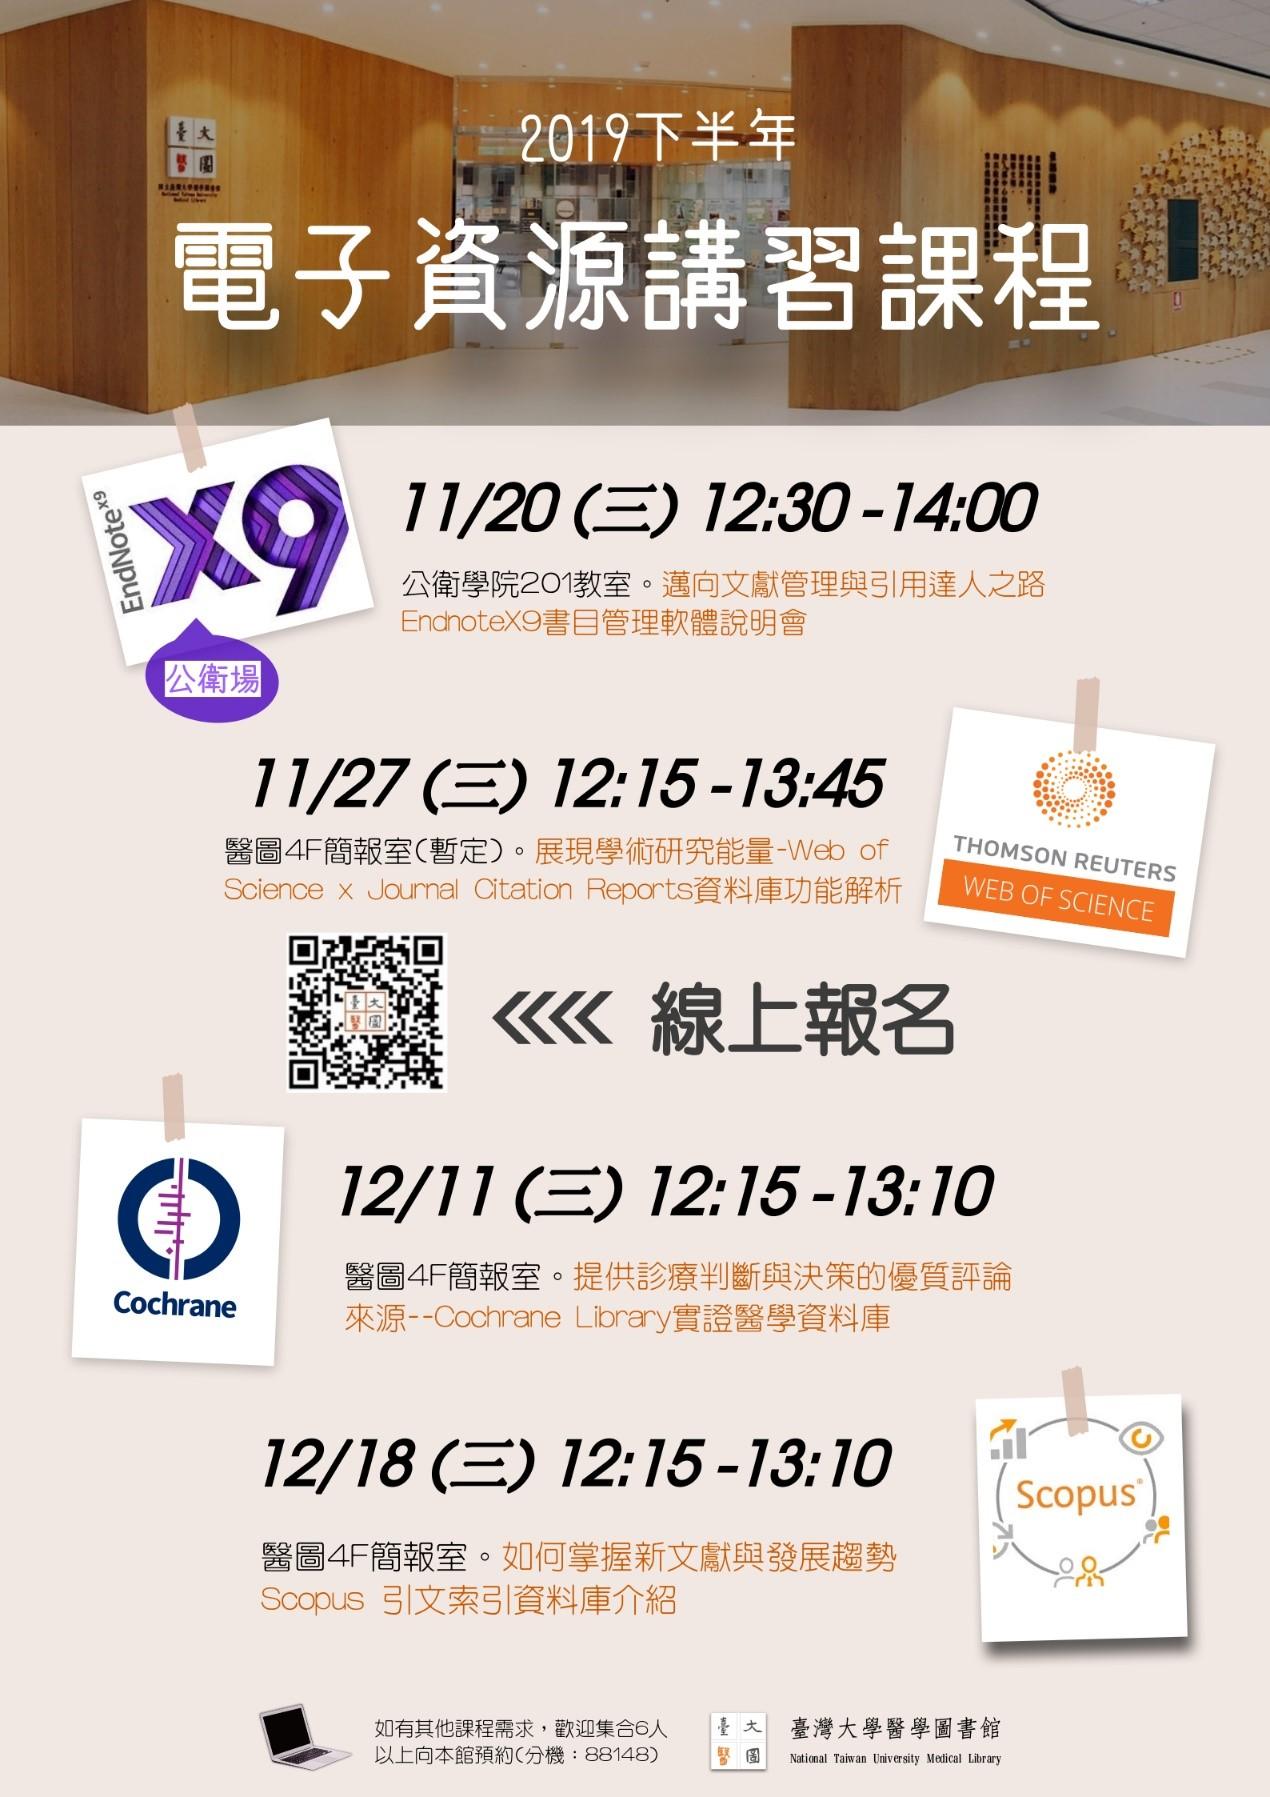 醫圖11-12月電子資源講習課程